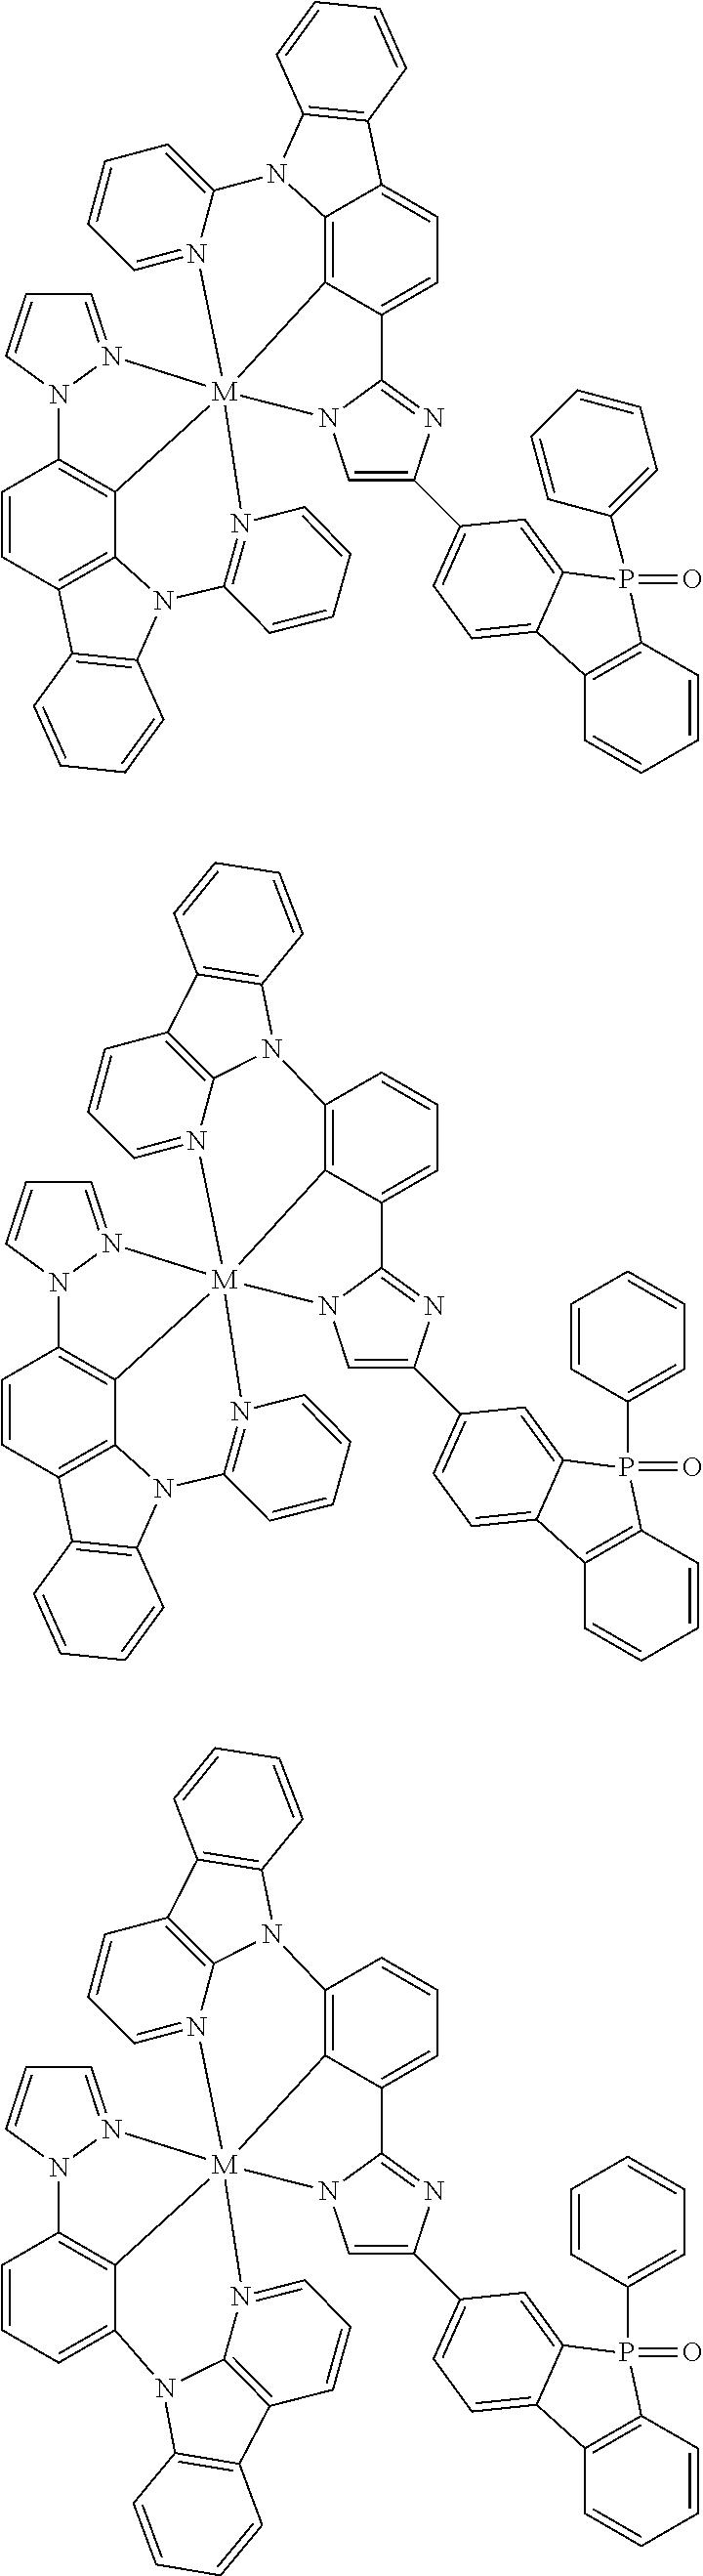 Figure US09818959-20171114-C00279